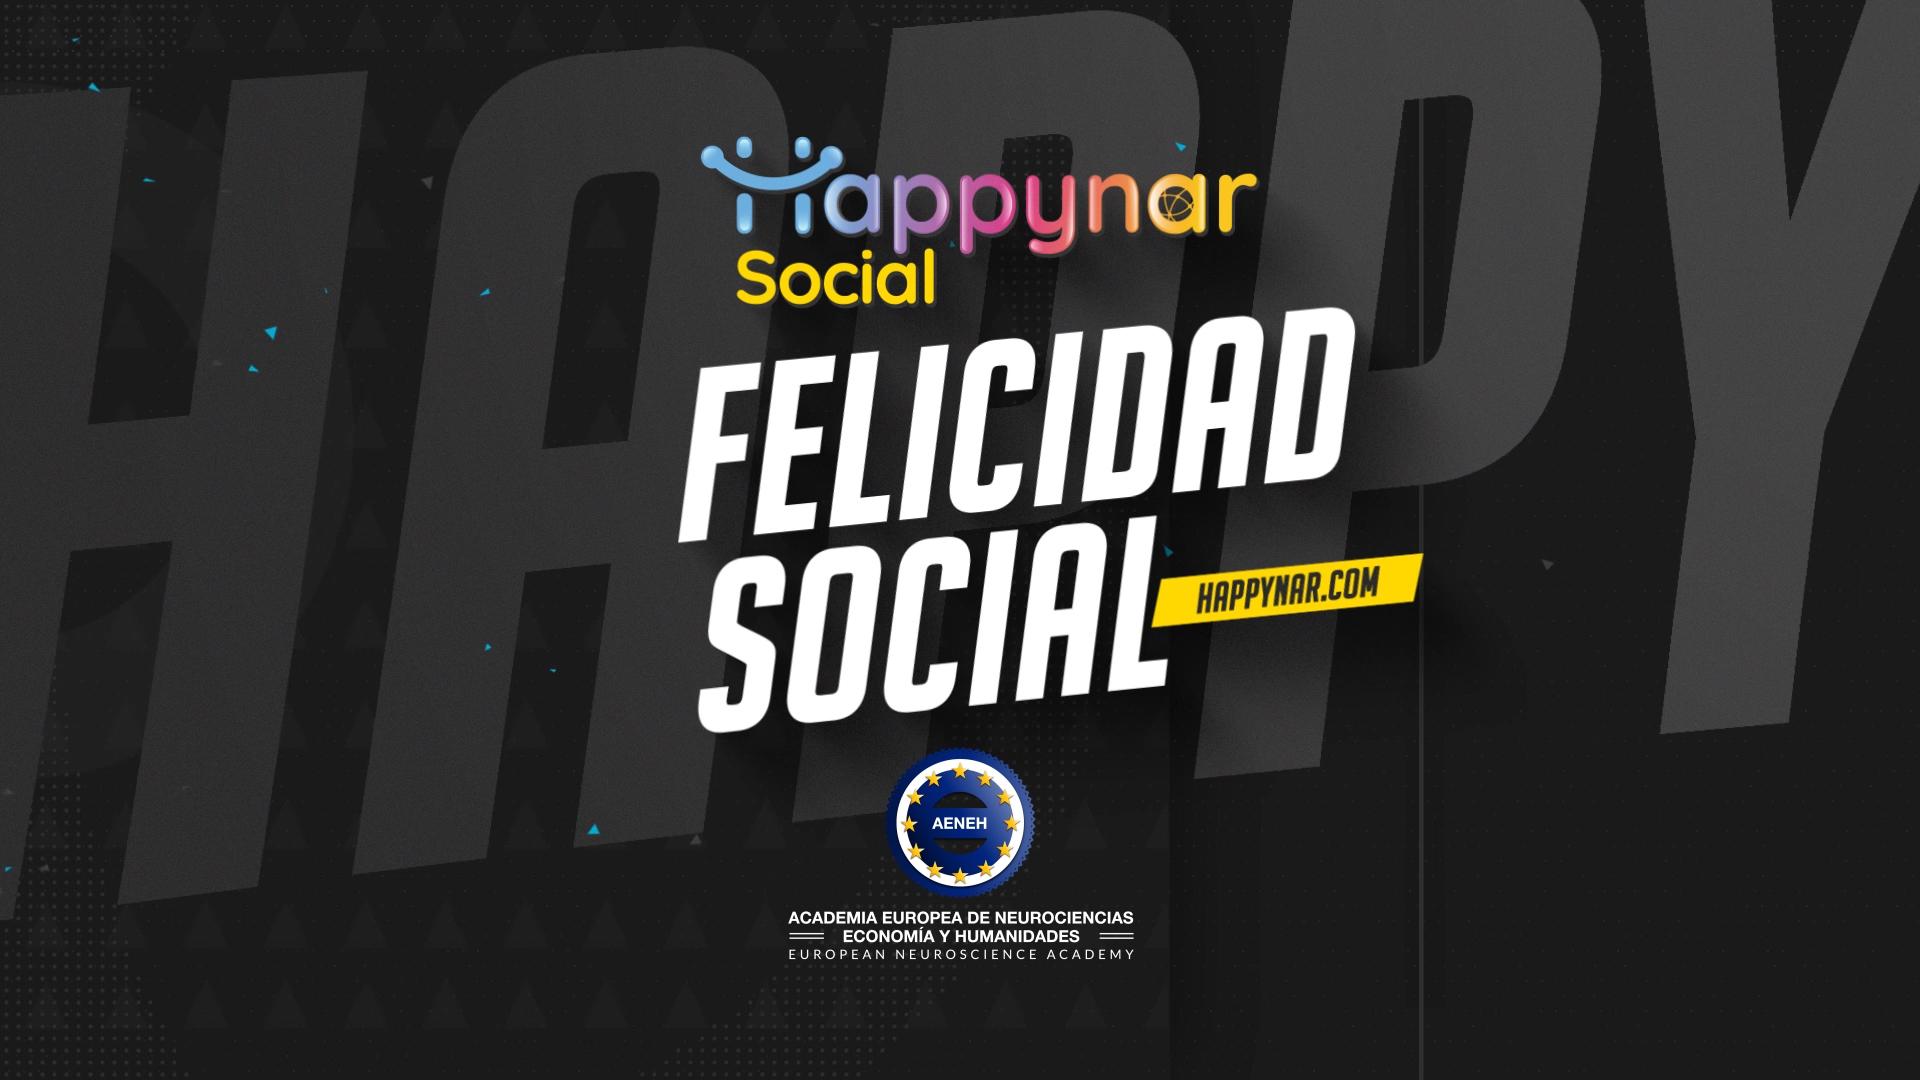 HAPPYNAR SOCIAL